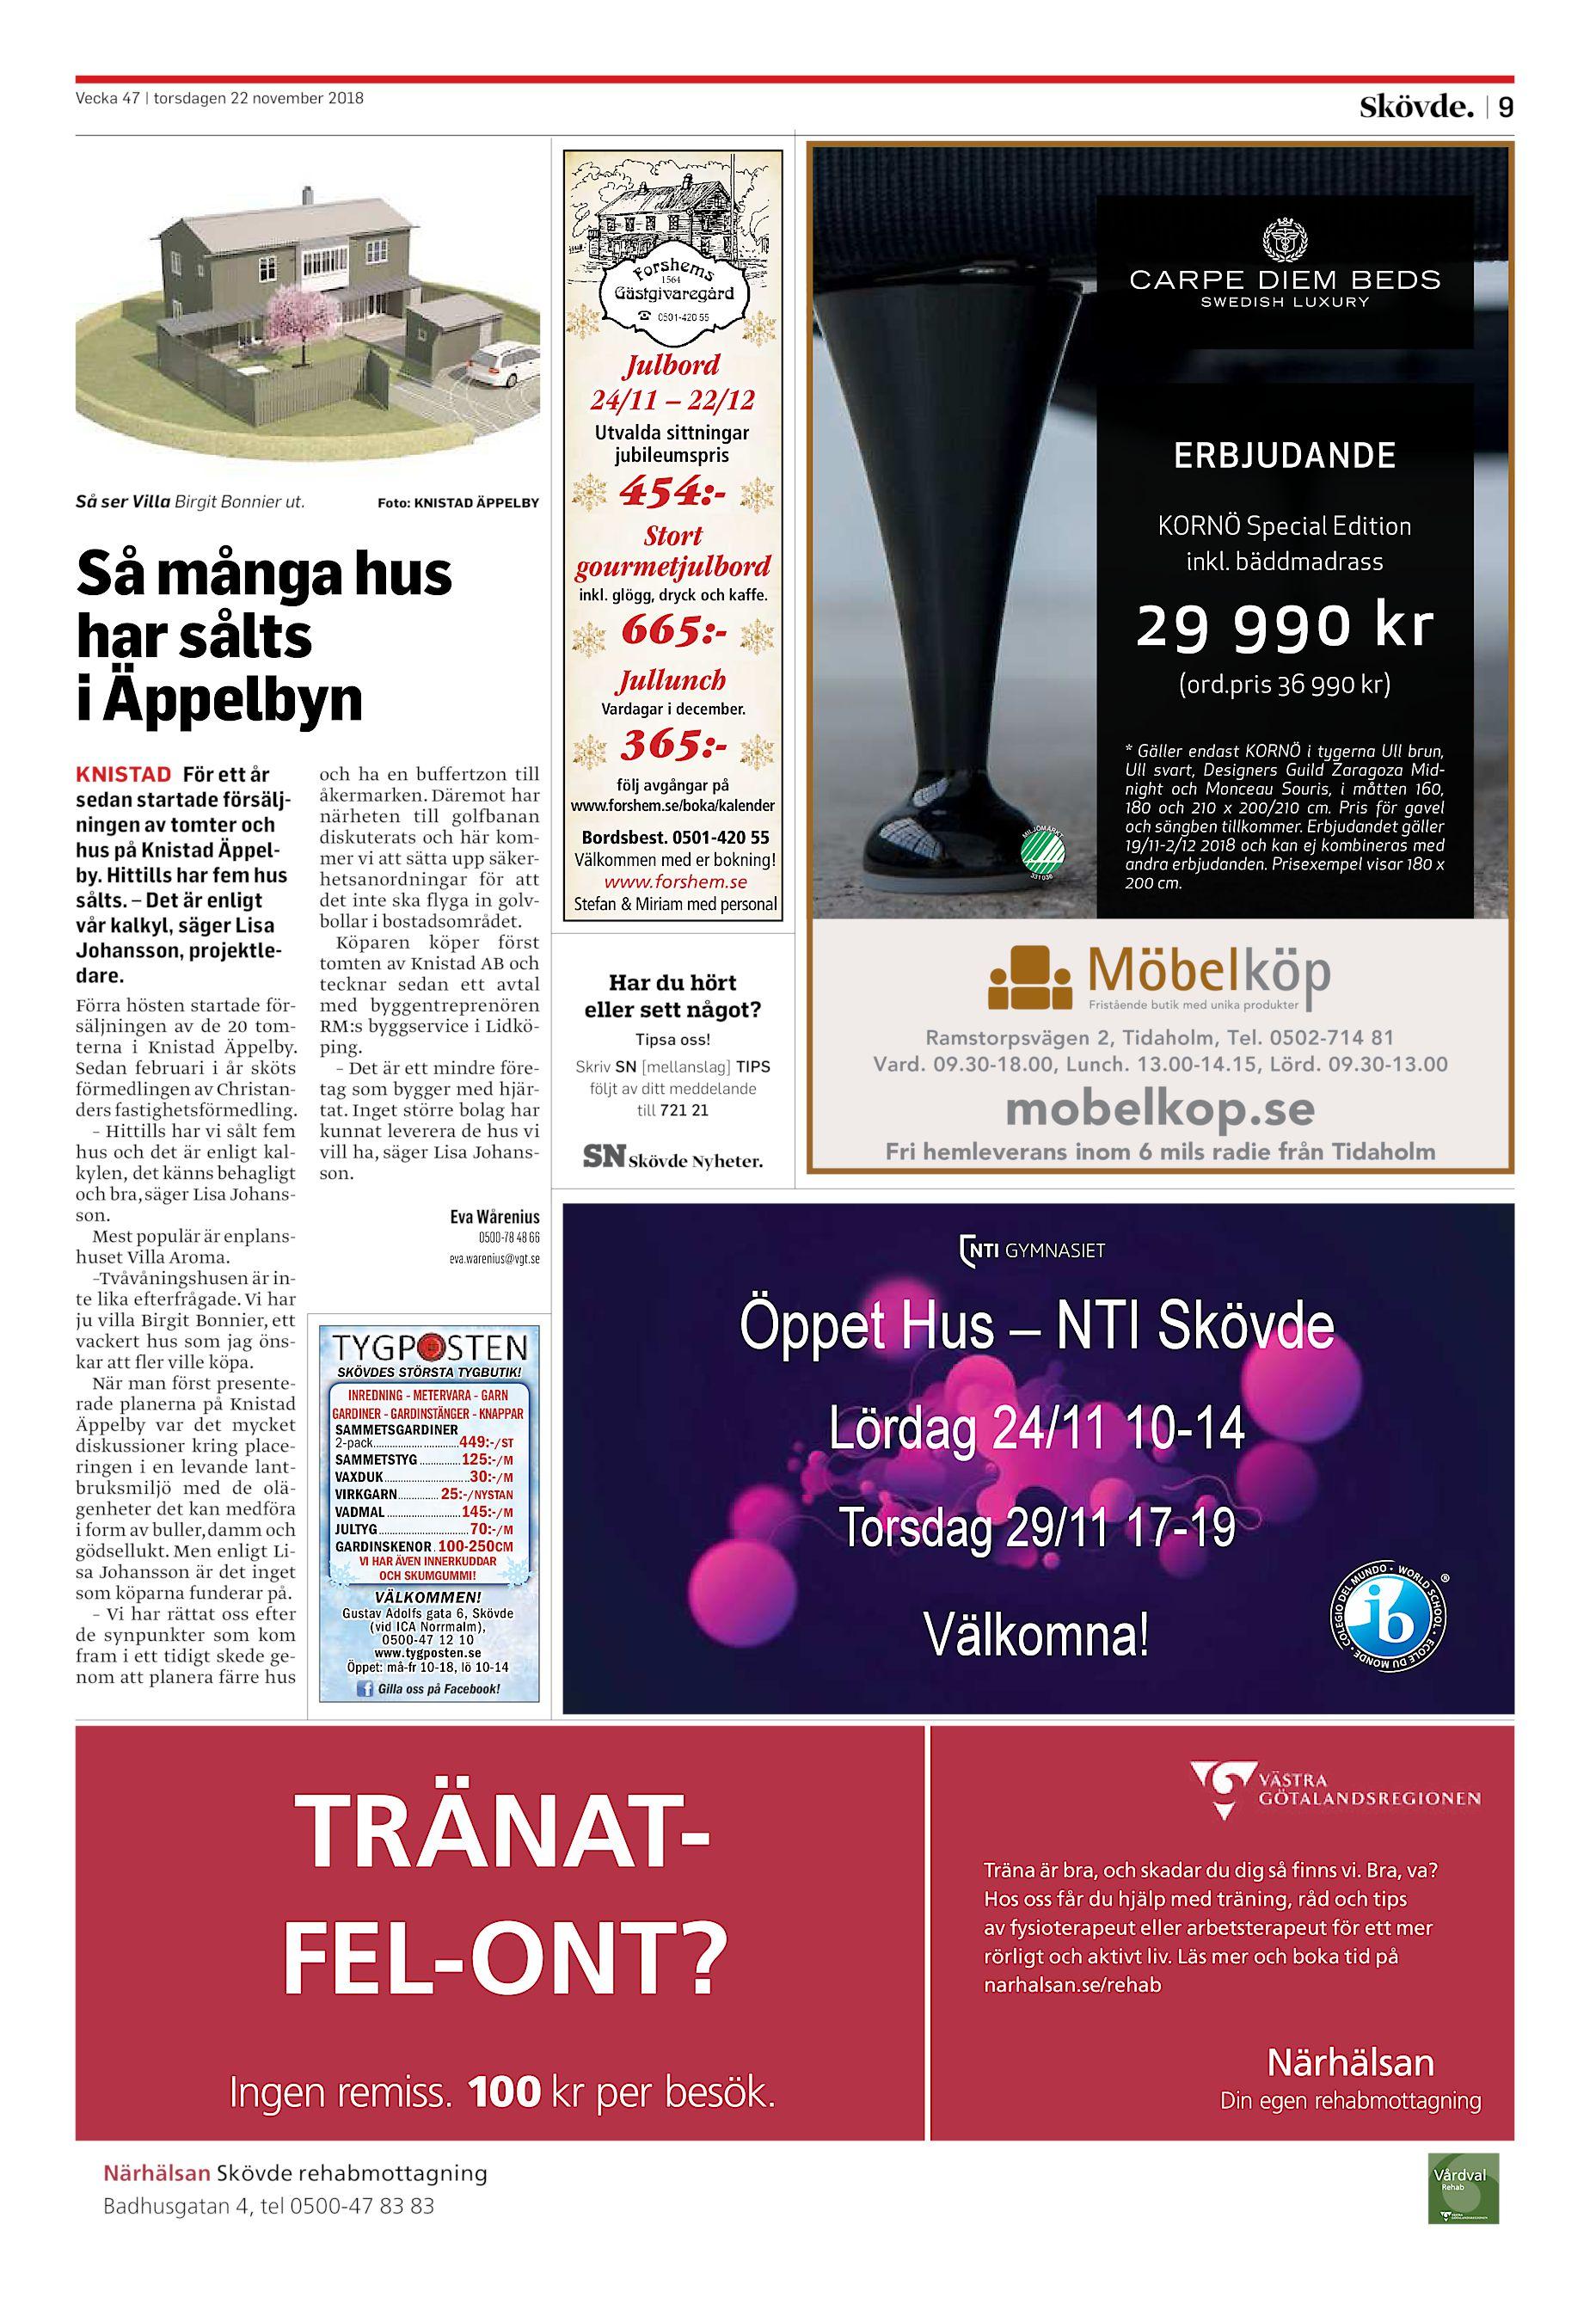 300a6271e97a 9 1564 Julbord 24/11 – 22/12 Utvalda sittningar jubileumspris Så många hus  har sålts i Äppelbyn Förra hösten startade försäljningen av de 20 ...